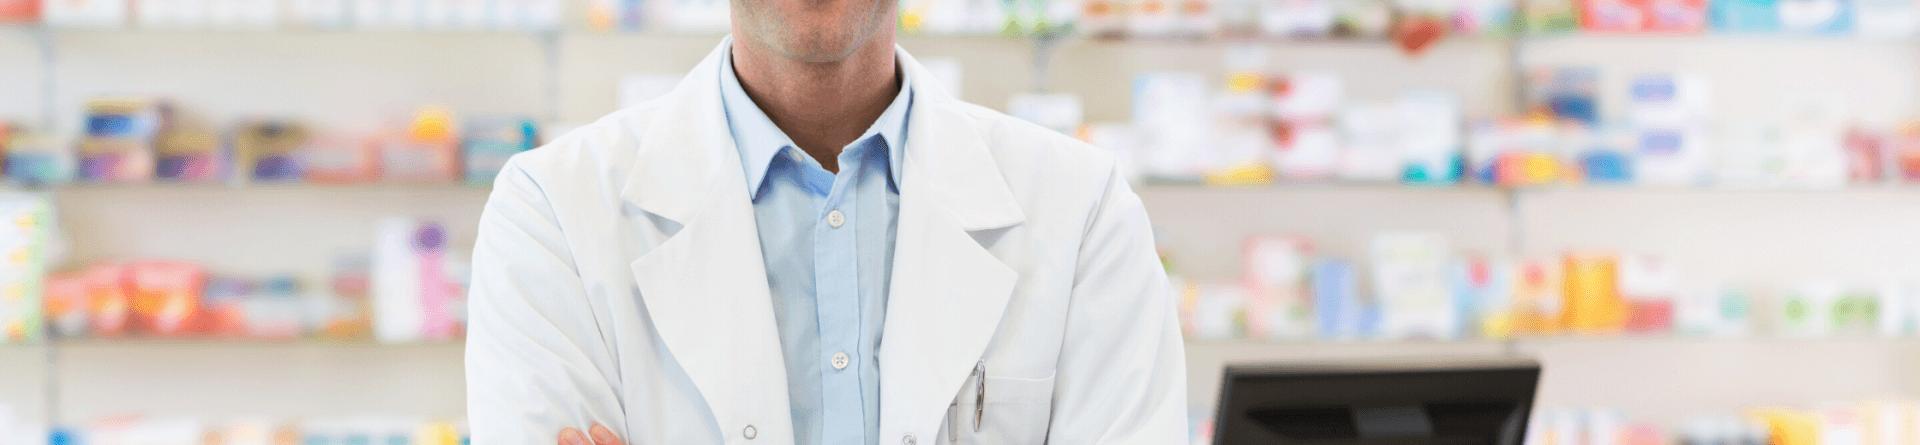 Vacina da Janssen é aprovada para uso na Nova Zelândia